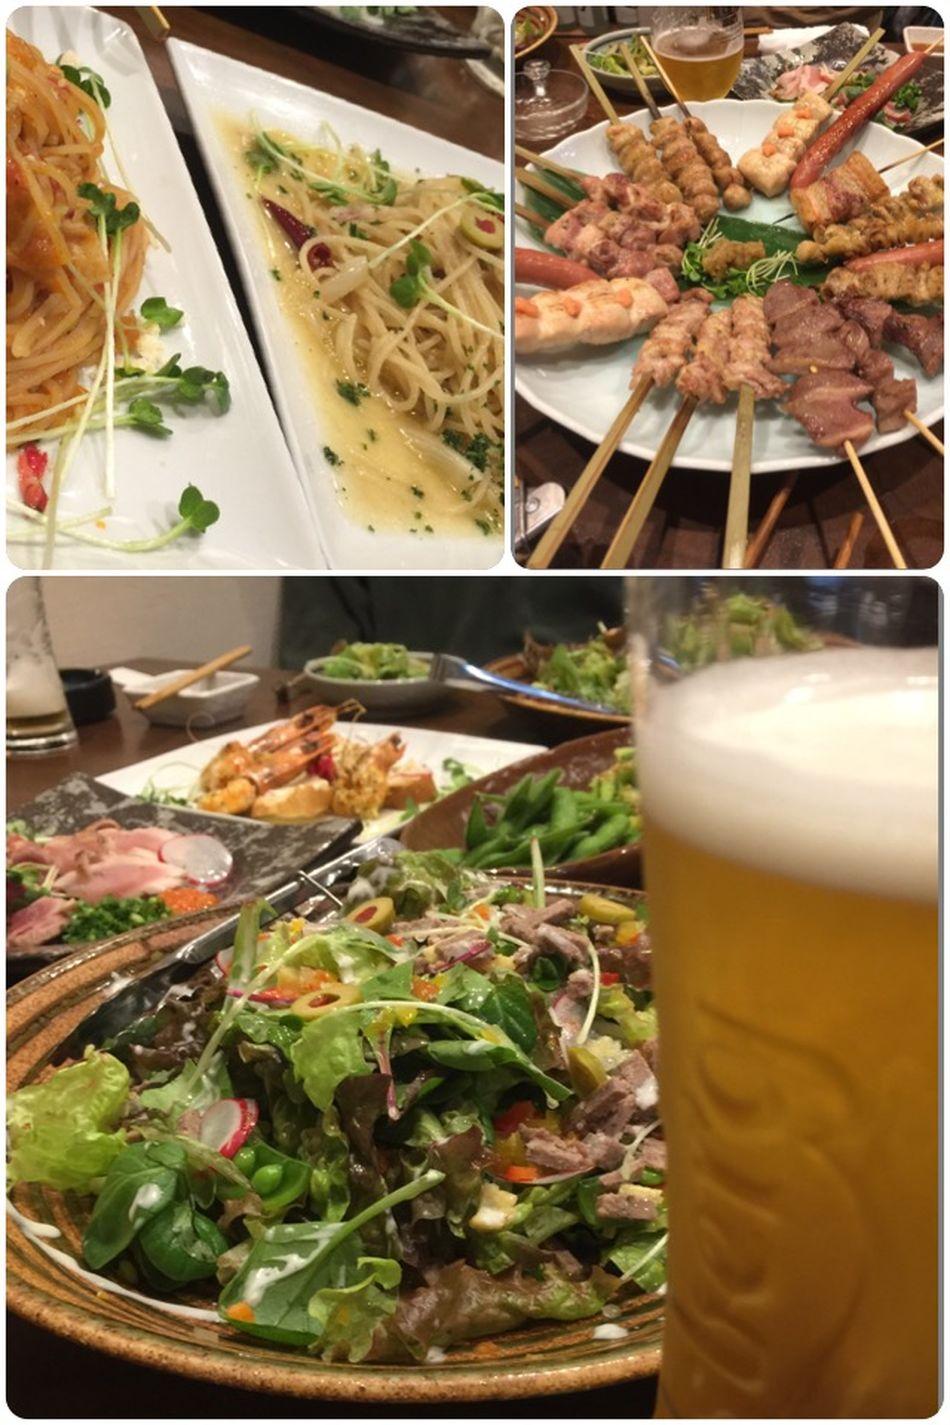 昨夜は 忘年会 でした♪(*^^)o∀*∀o(^^*)♪忘年会も残すところ…あとふたつ♪ 生ビール やきとり Bier